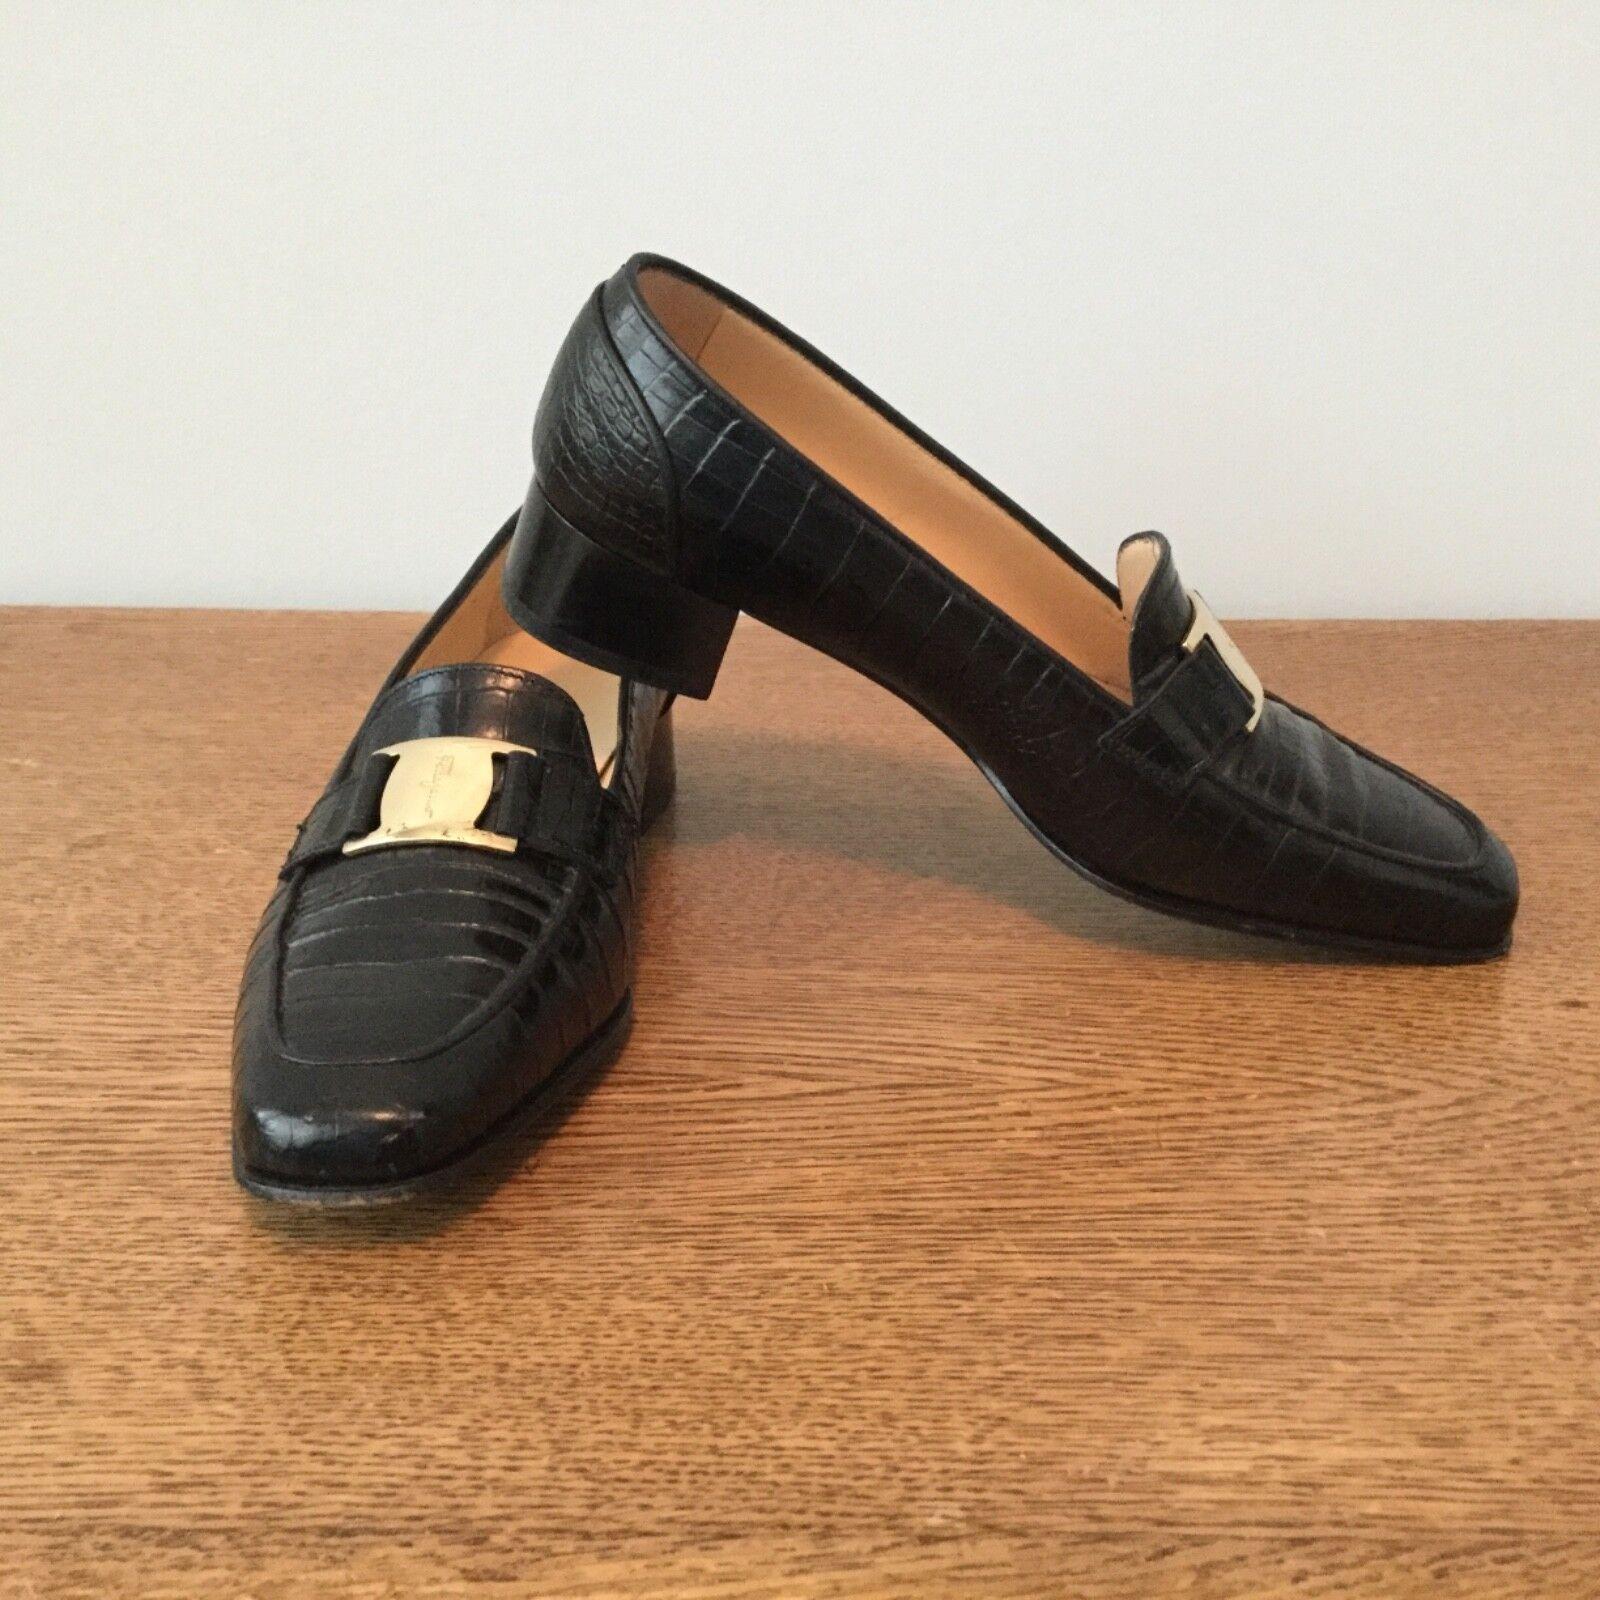 Ferragamo Ferragamo Ferragamo Cuero Para mujeres Zapatos Bombas Tamaño 4.5 B Negro Hecho en Italia con el logotipo de latón  marcas de diseñadores baratos